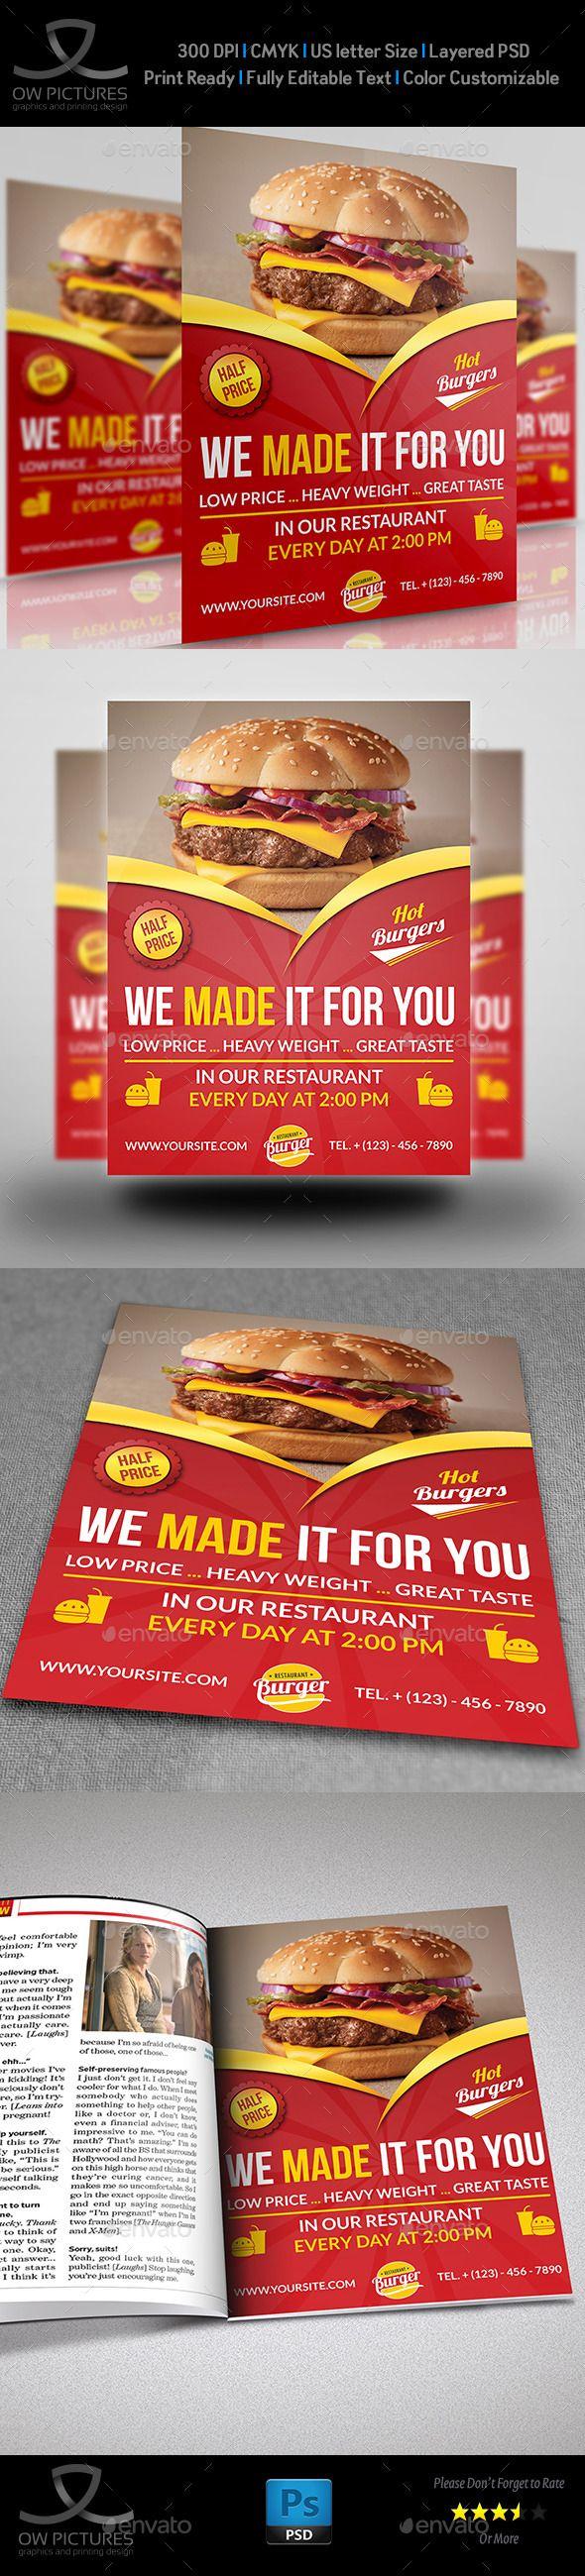 Restaurant Flyer Template #design Download: http://graphicriver.net/item/restaurant-flyer-template-vol7/10815248?ref=ksioks